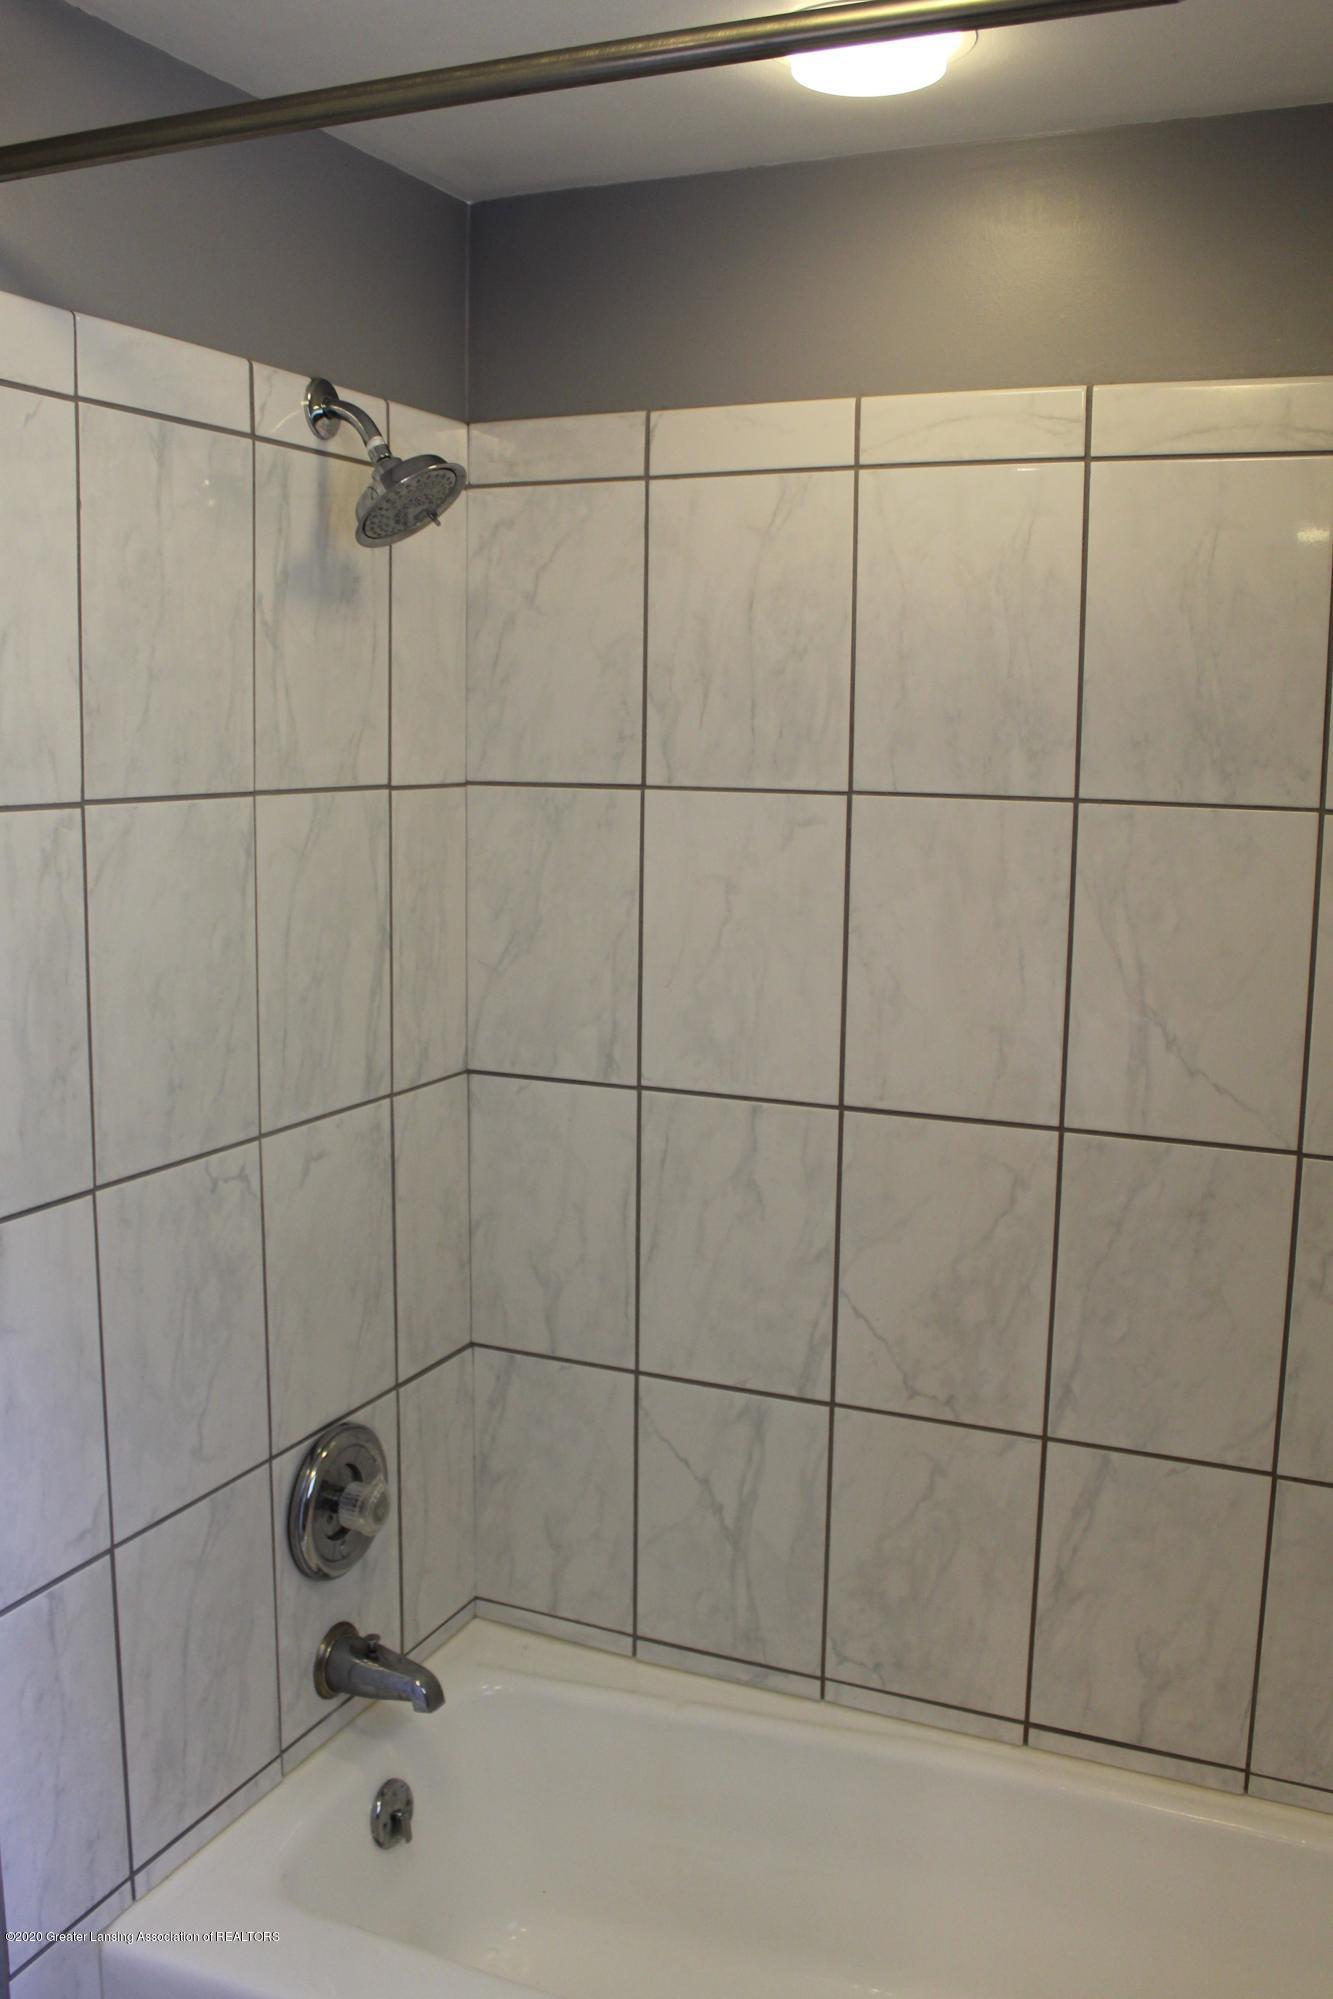 3599 W Arbutus Dr - Full Bath Tiled Shower - 34